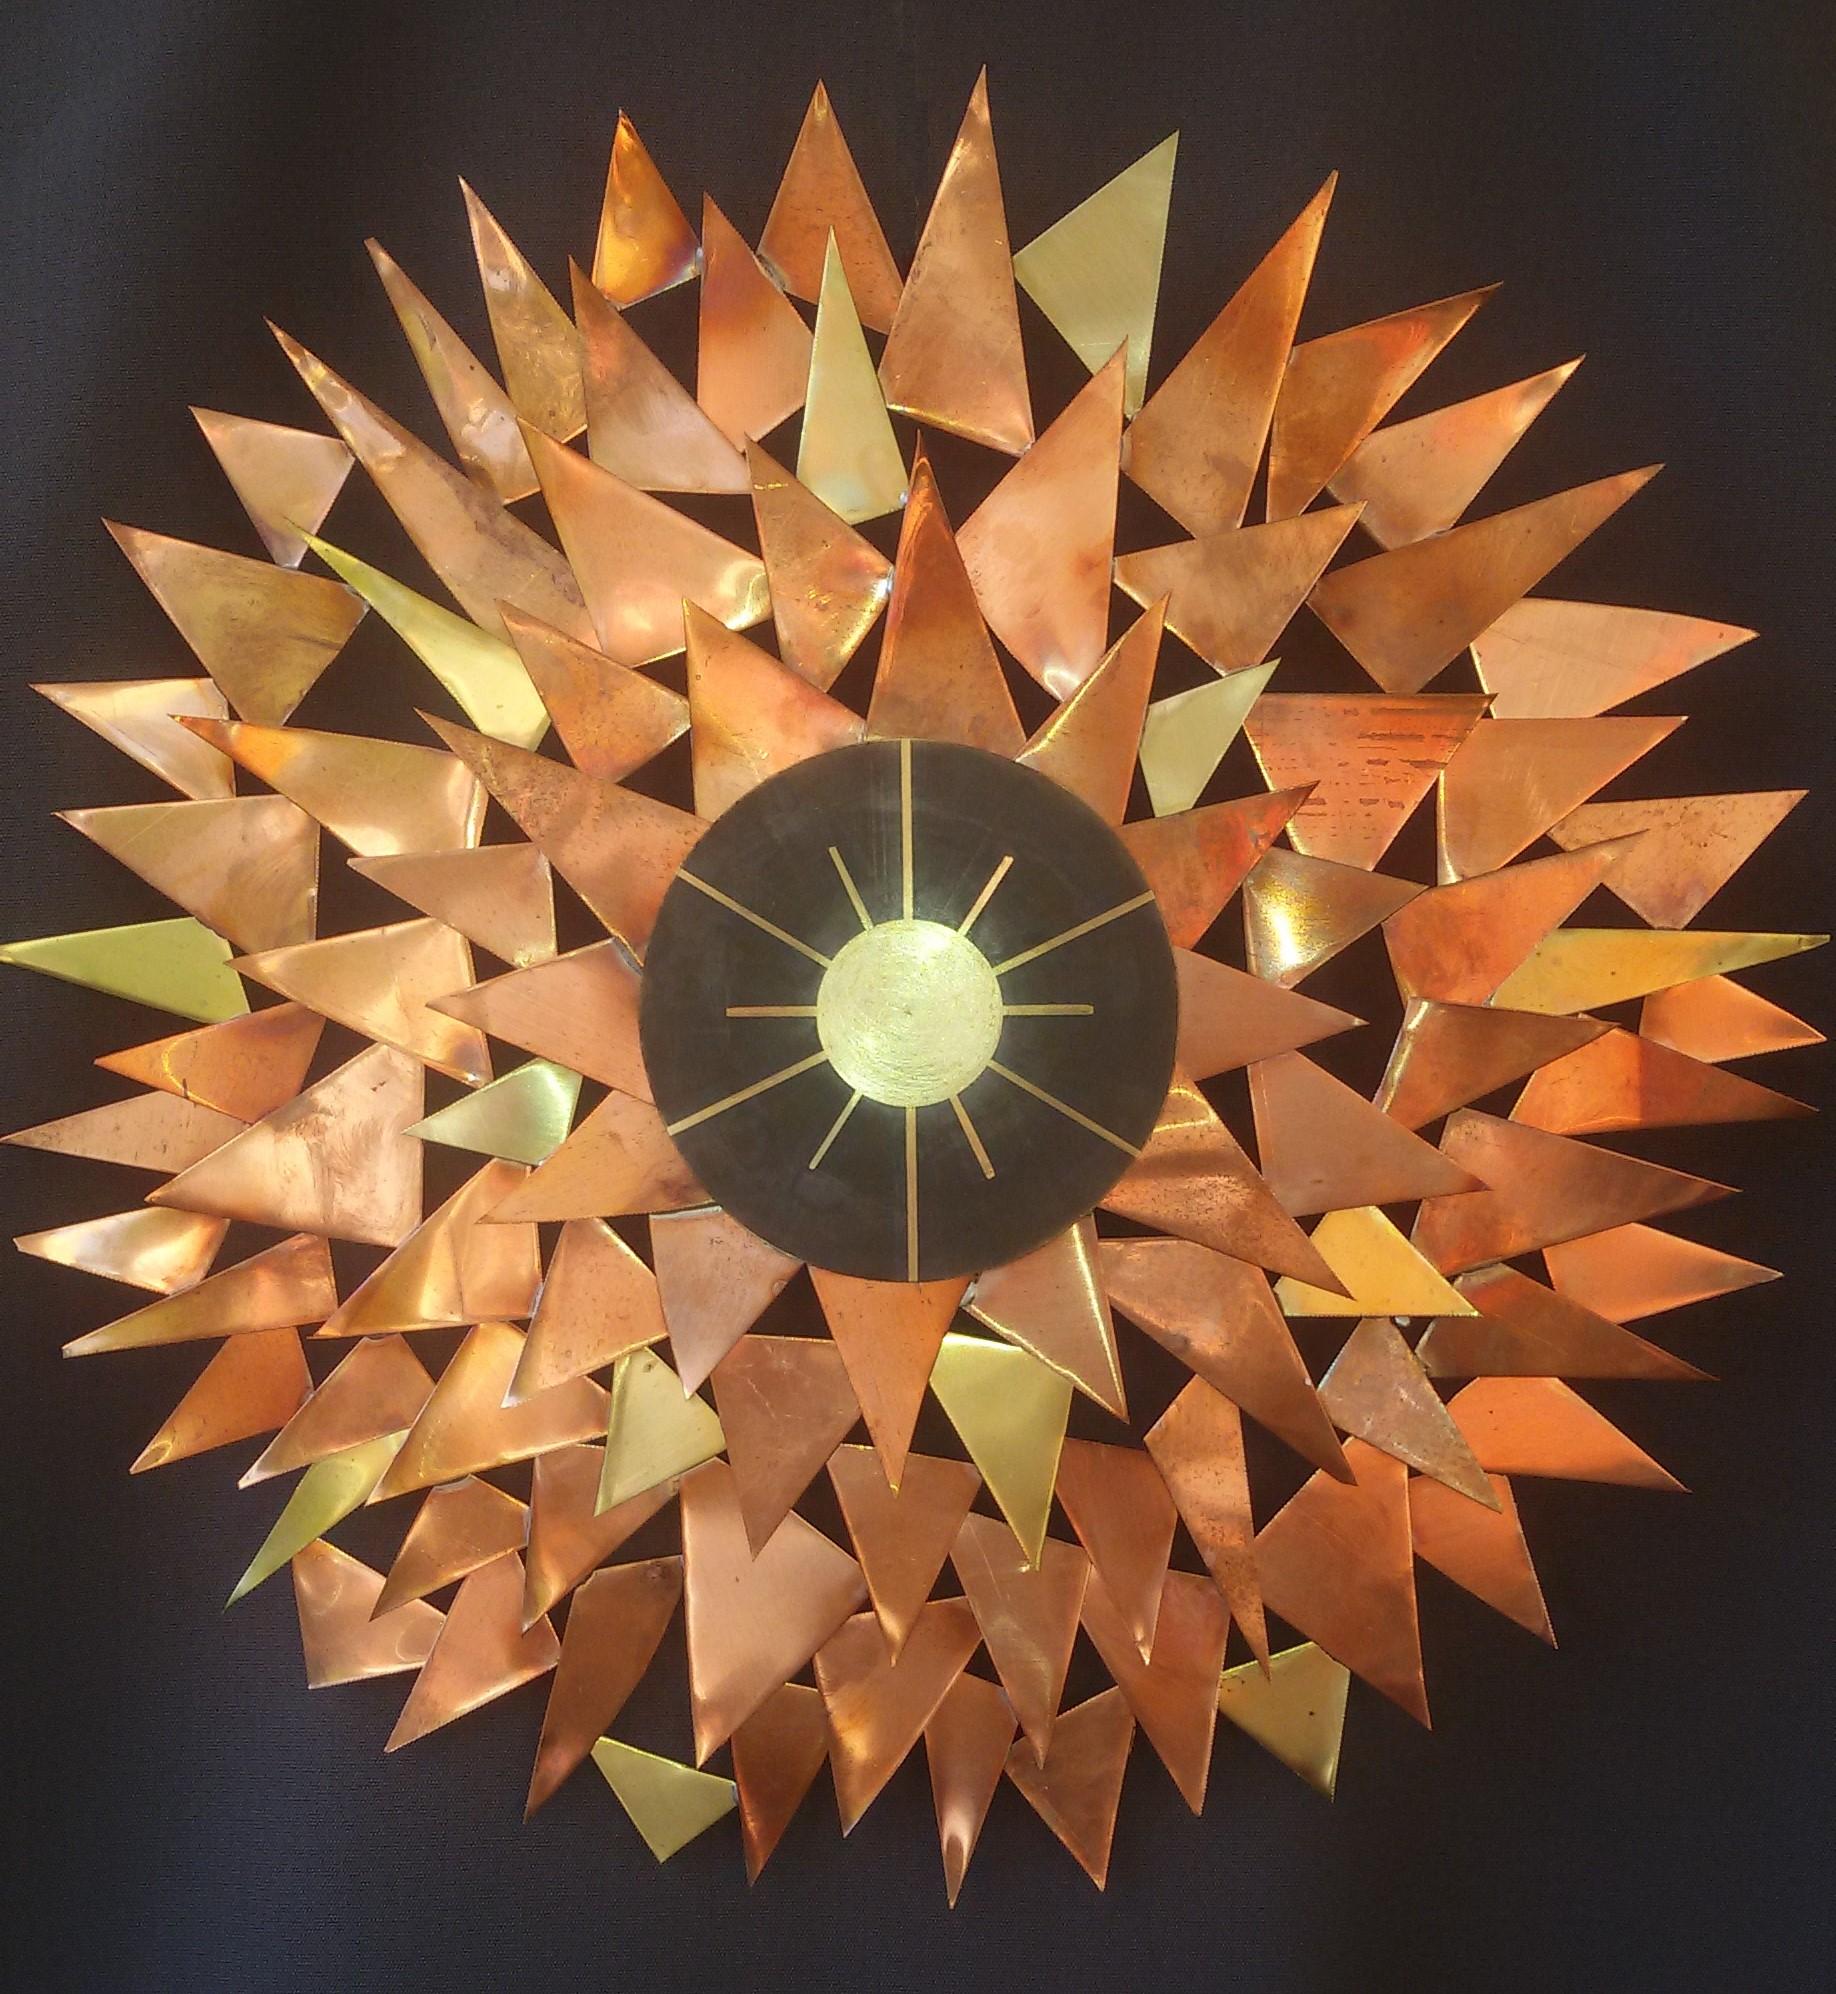 création artisanale décoration, création vibratoire, création murale